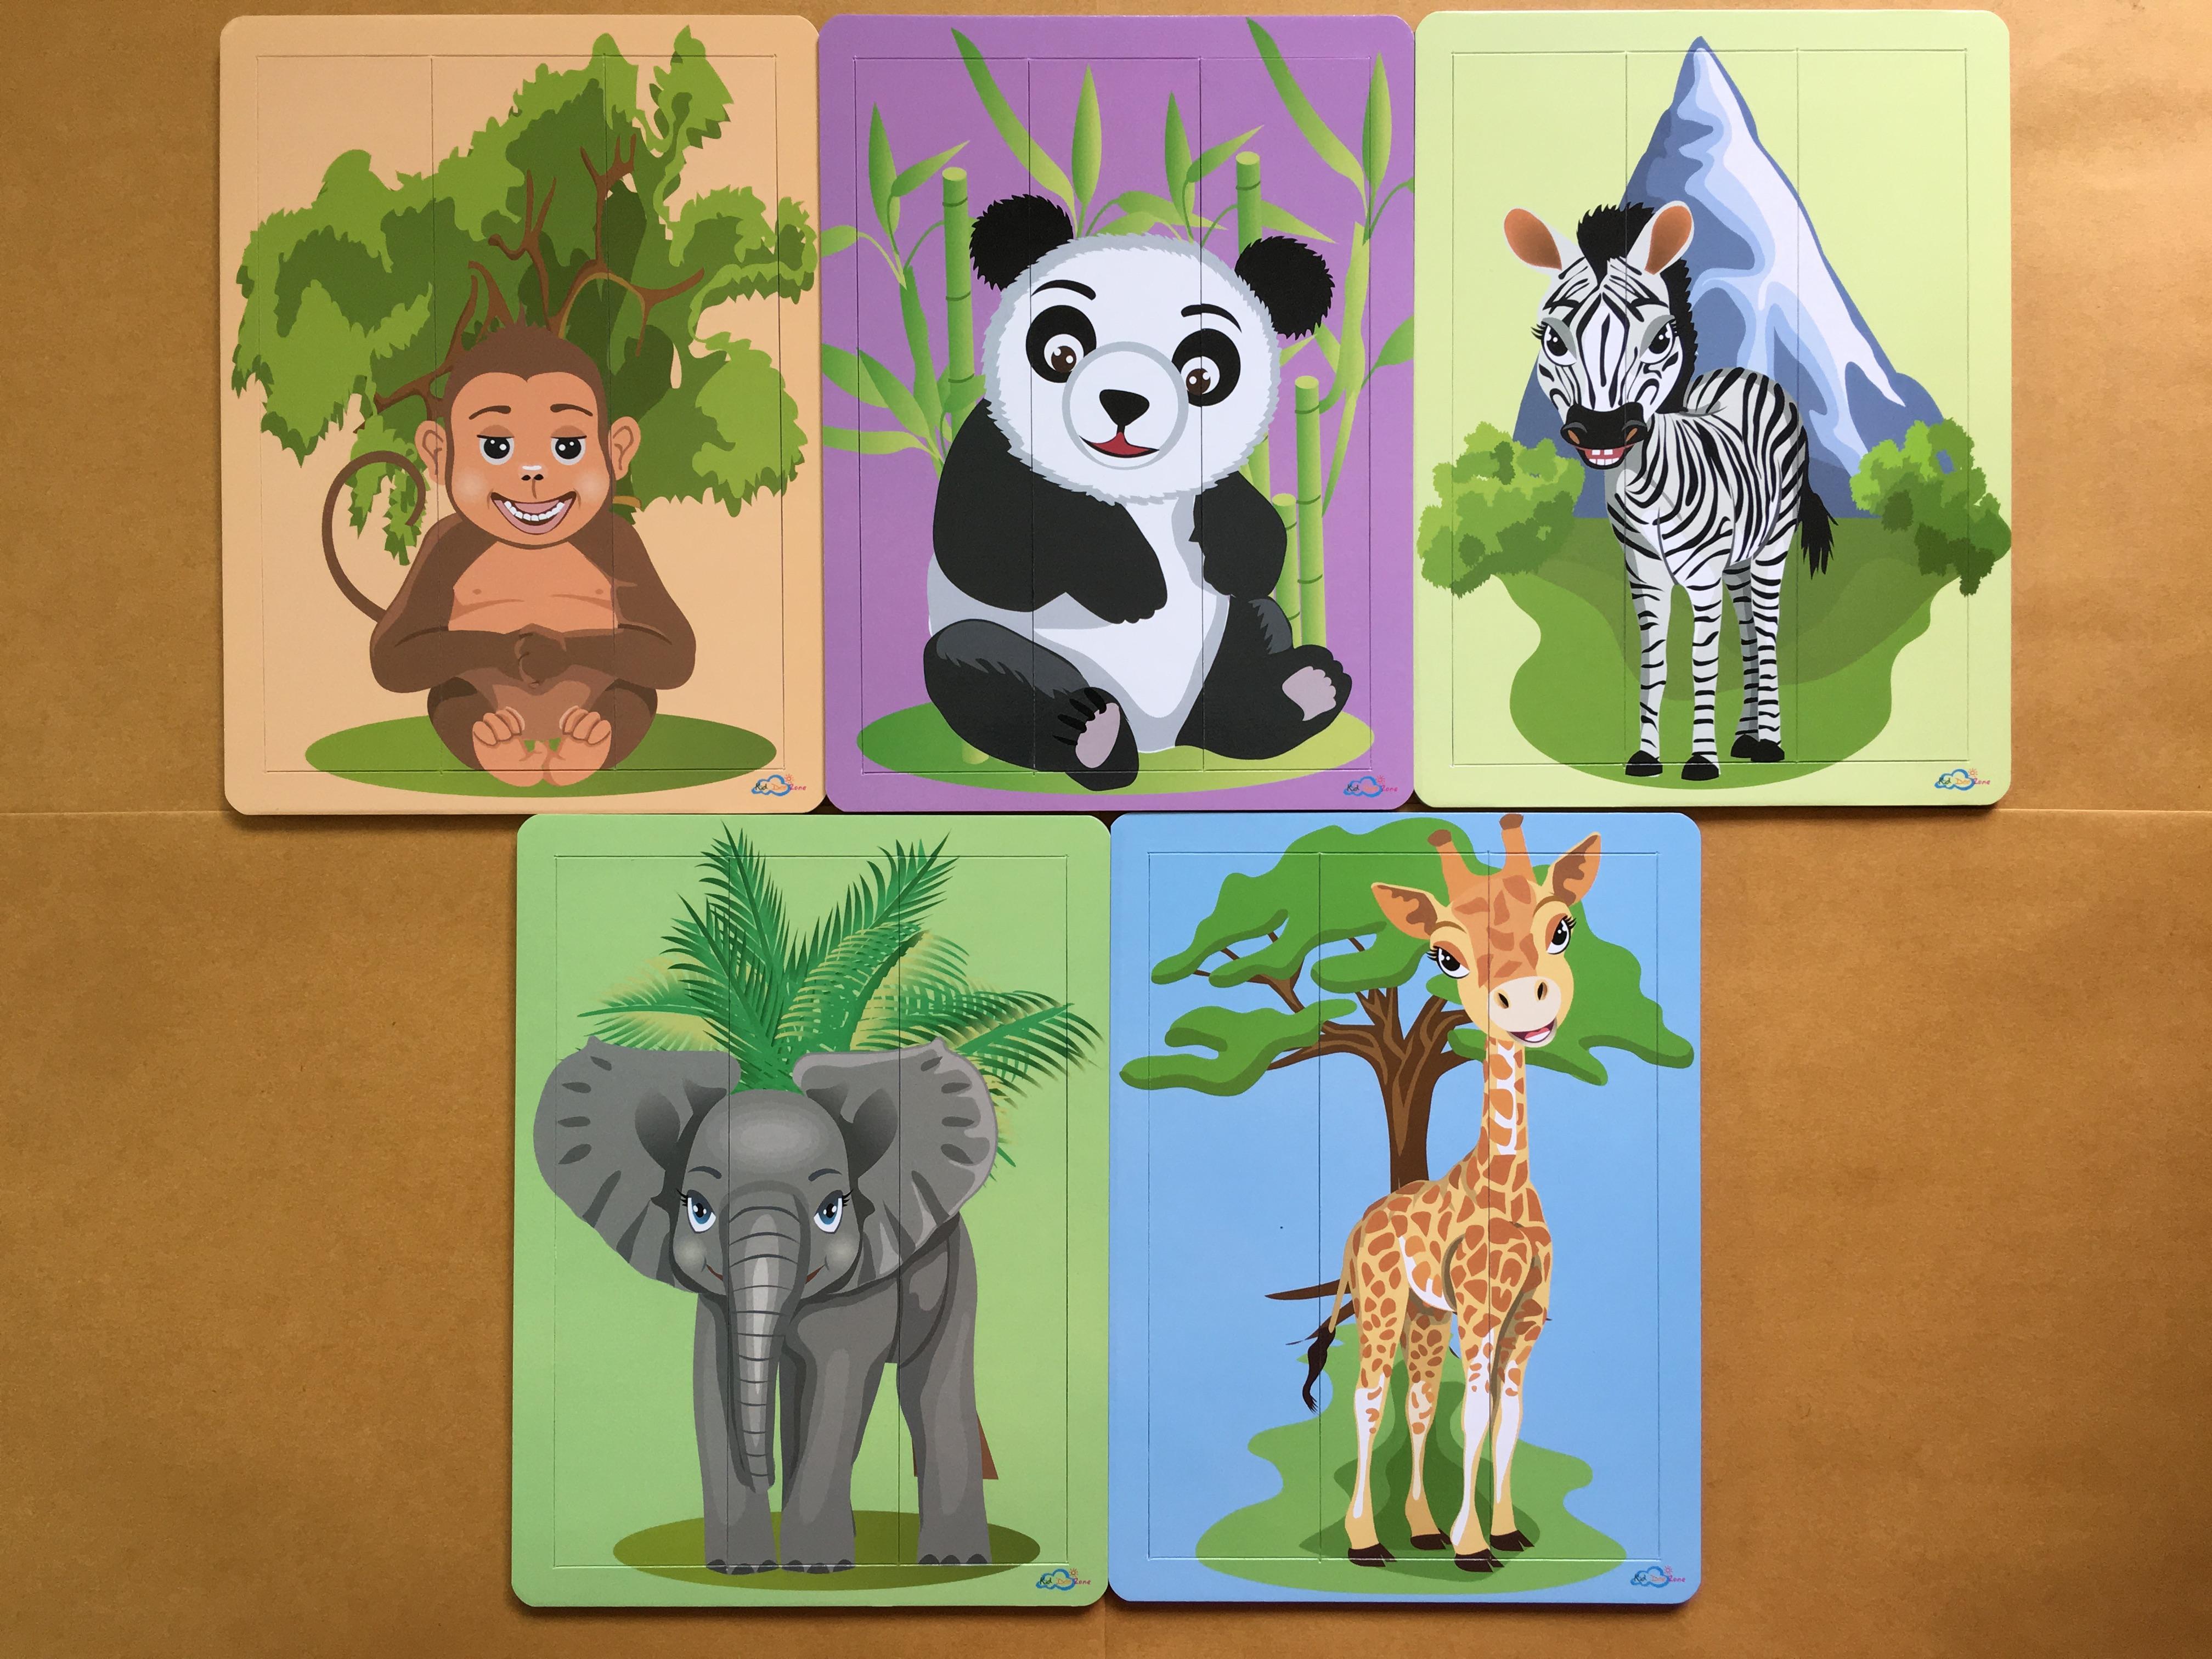 จิ๊กซอว์ ชุด สัตว์ป่า (เหมาะกับเด็ก 1-4ปี)